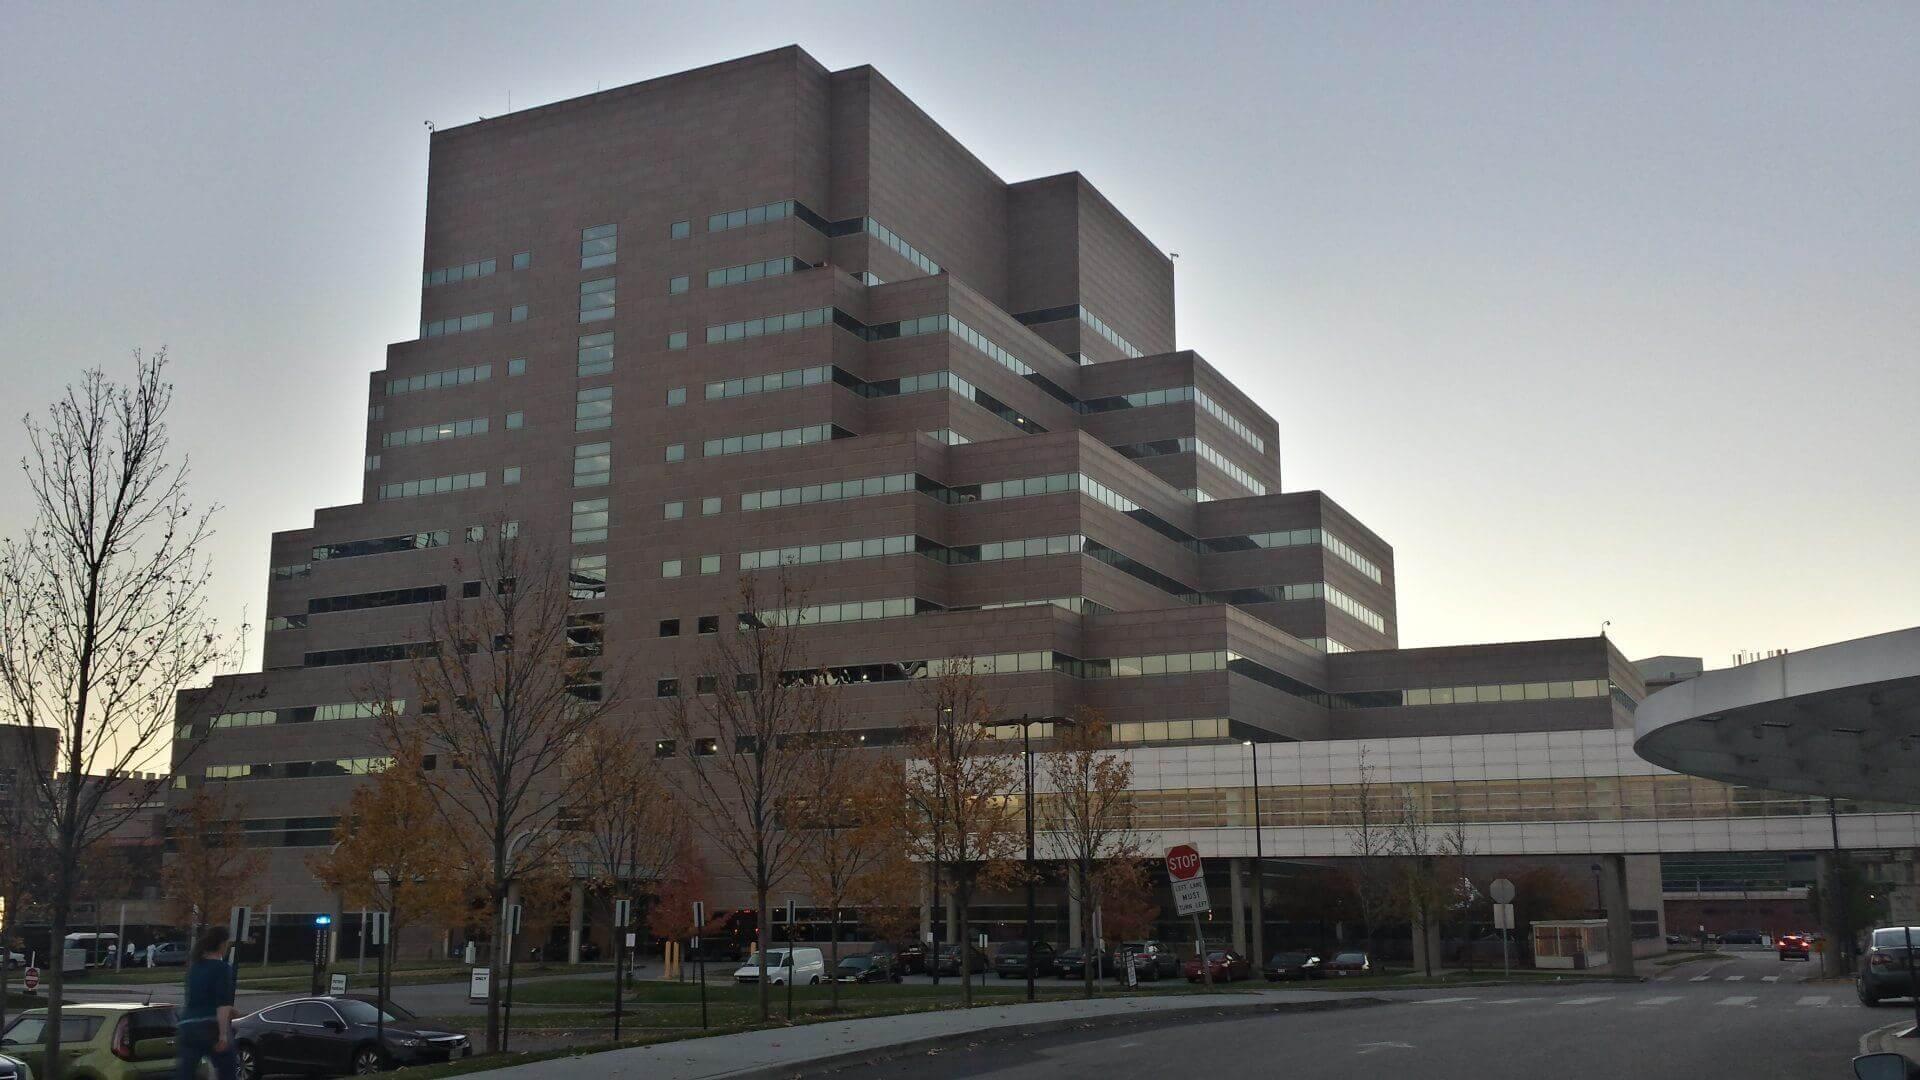 Cleveland Clinic. Bilder und Eindrücke aus Cleveland, Ohio, United States.